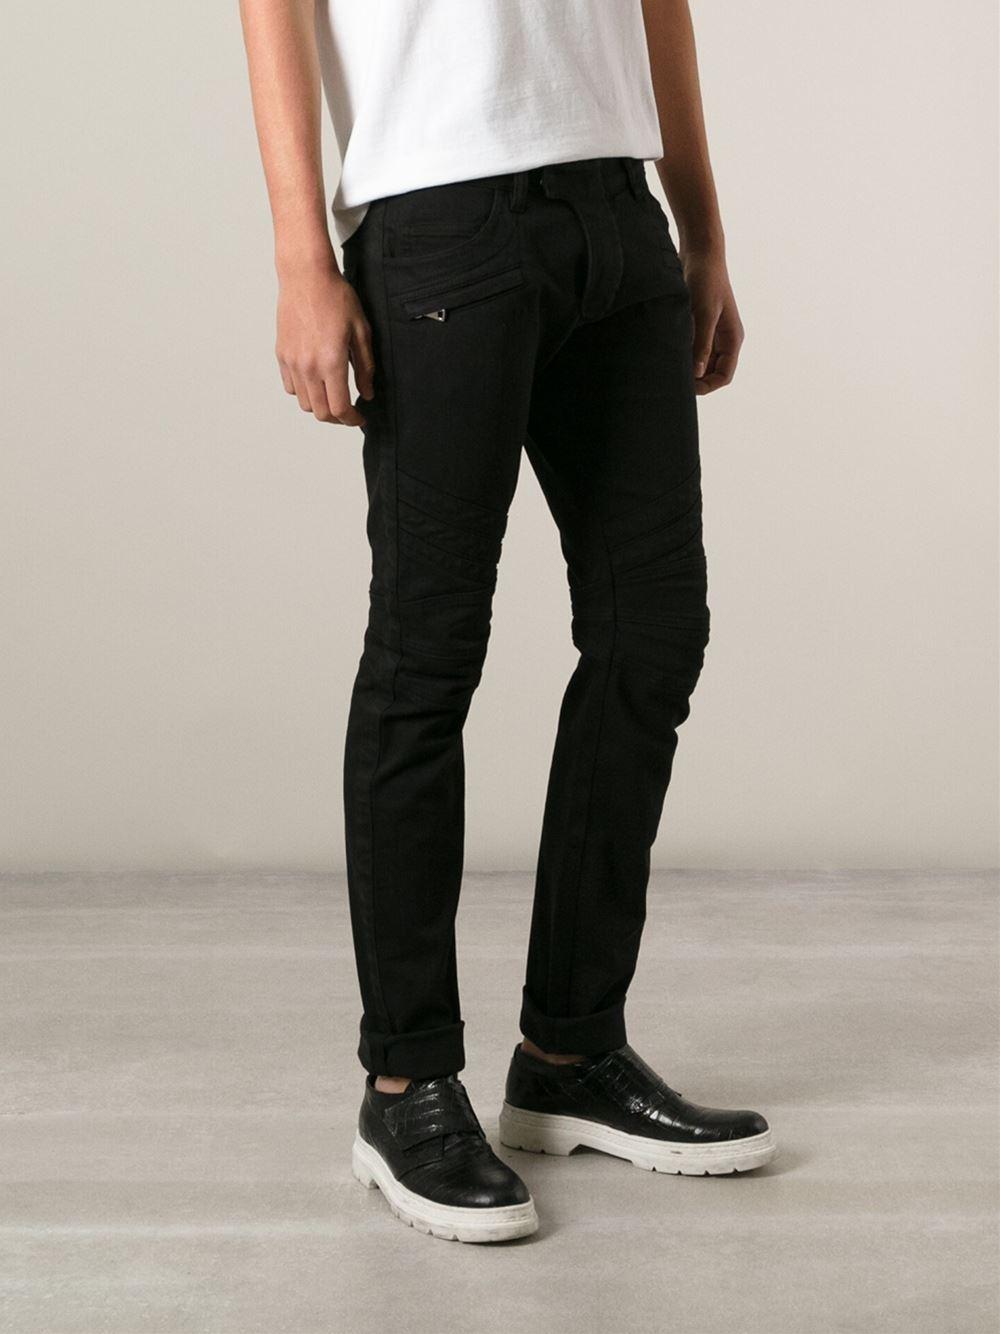 a378a48185a127 Balmain Skinny Biker Jeans in Black for Men - Lyst